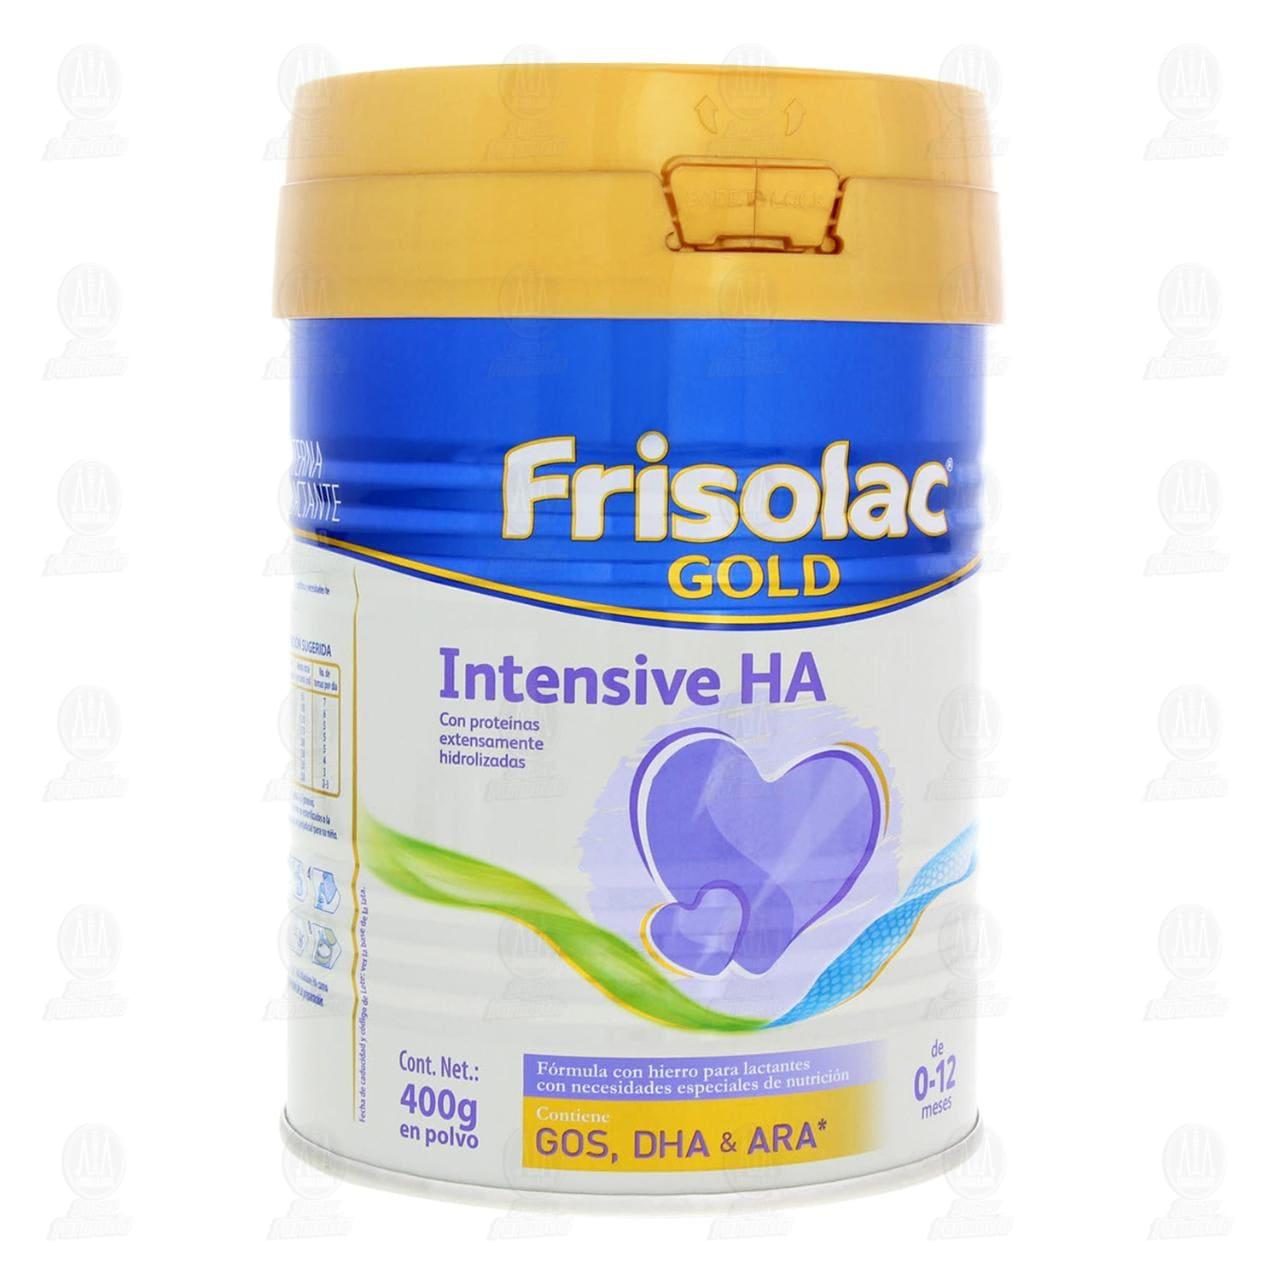 comprar https://www.movil.farmaciasguadalajara.com/wcsstore/FGCAS/wcs/products/998885_A_1280_AL.jpg en farmacias guadalajara